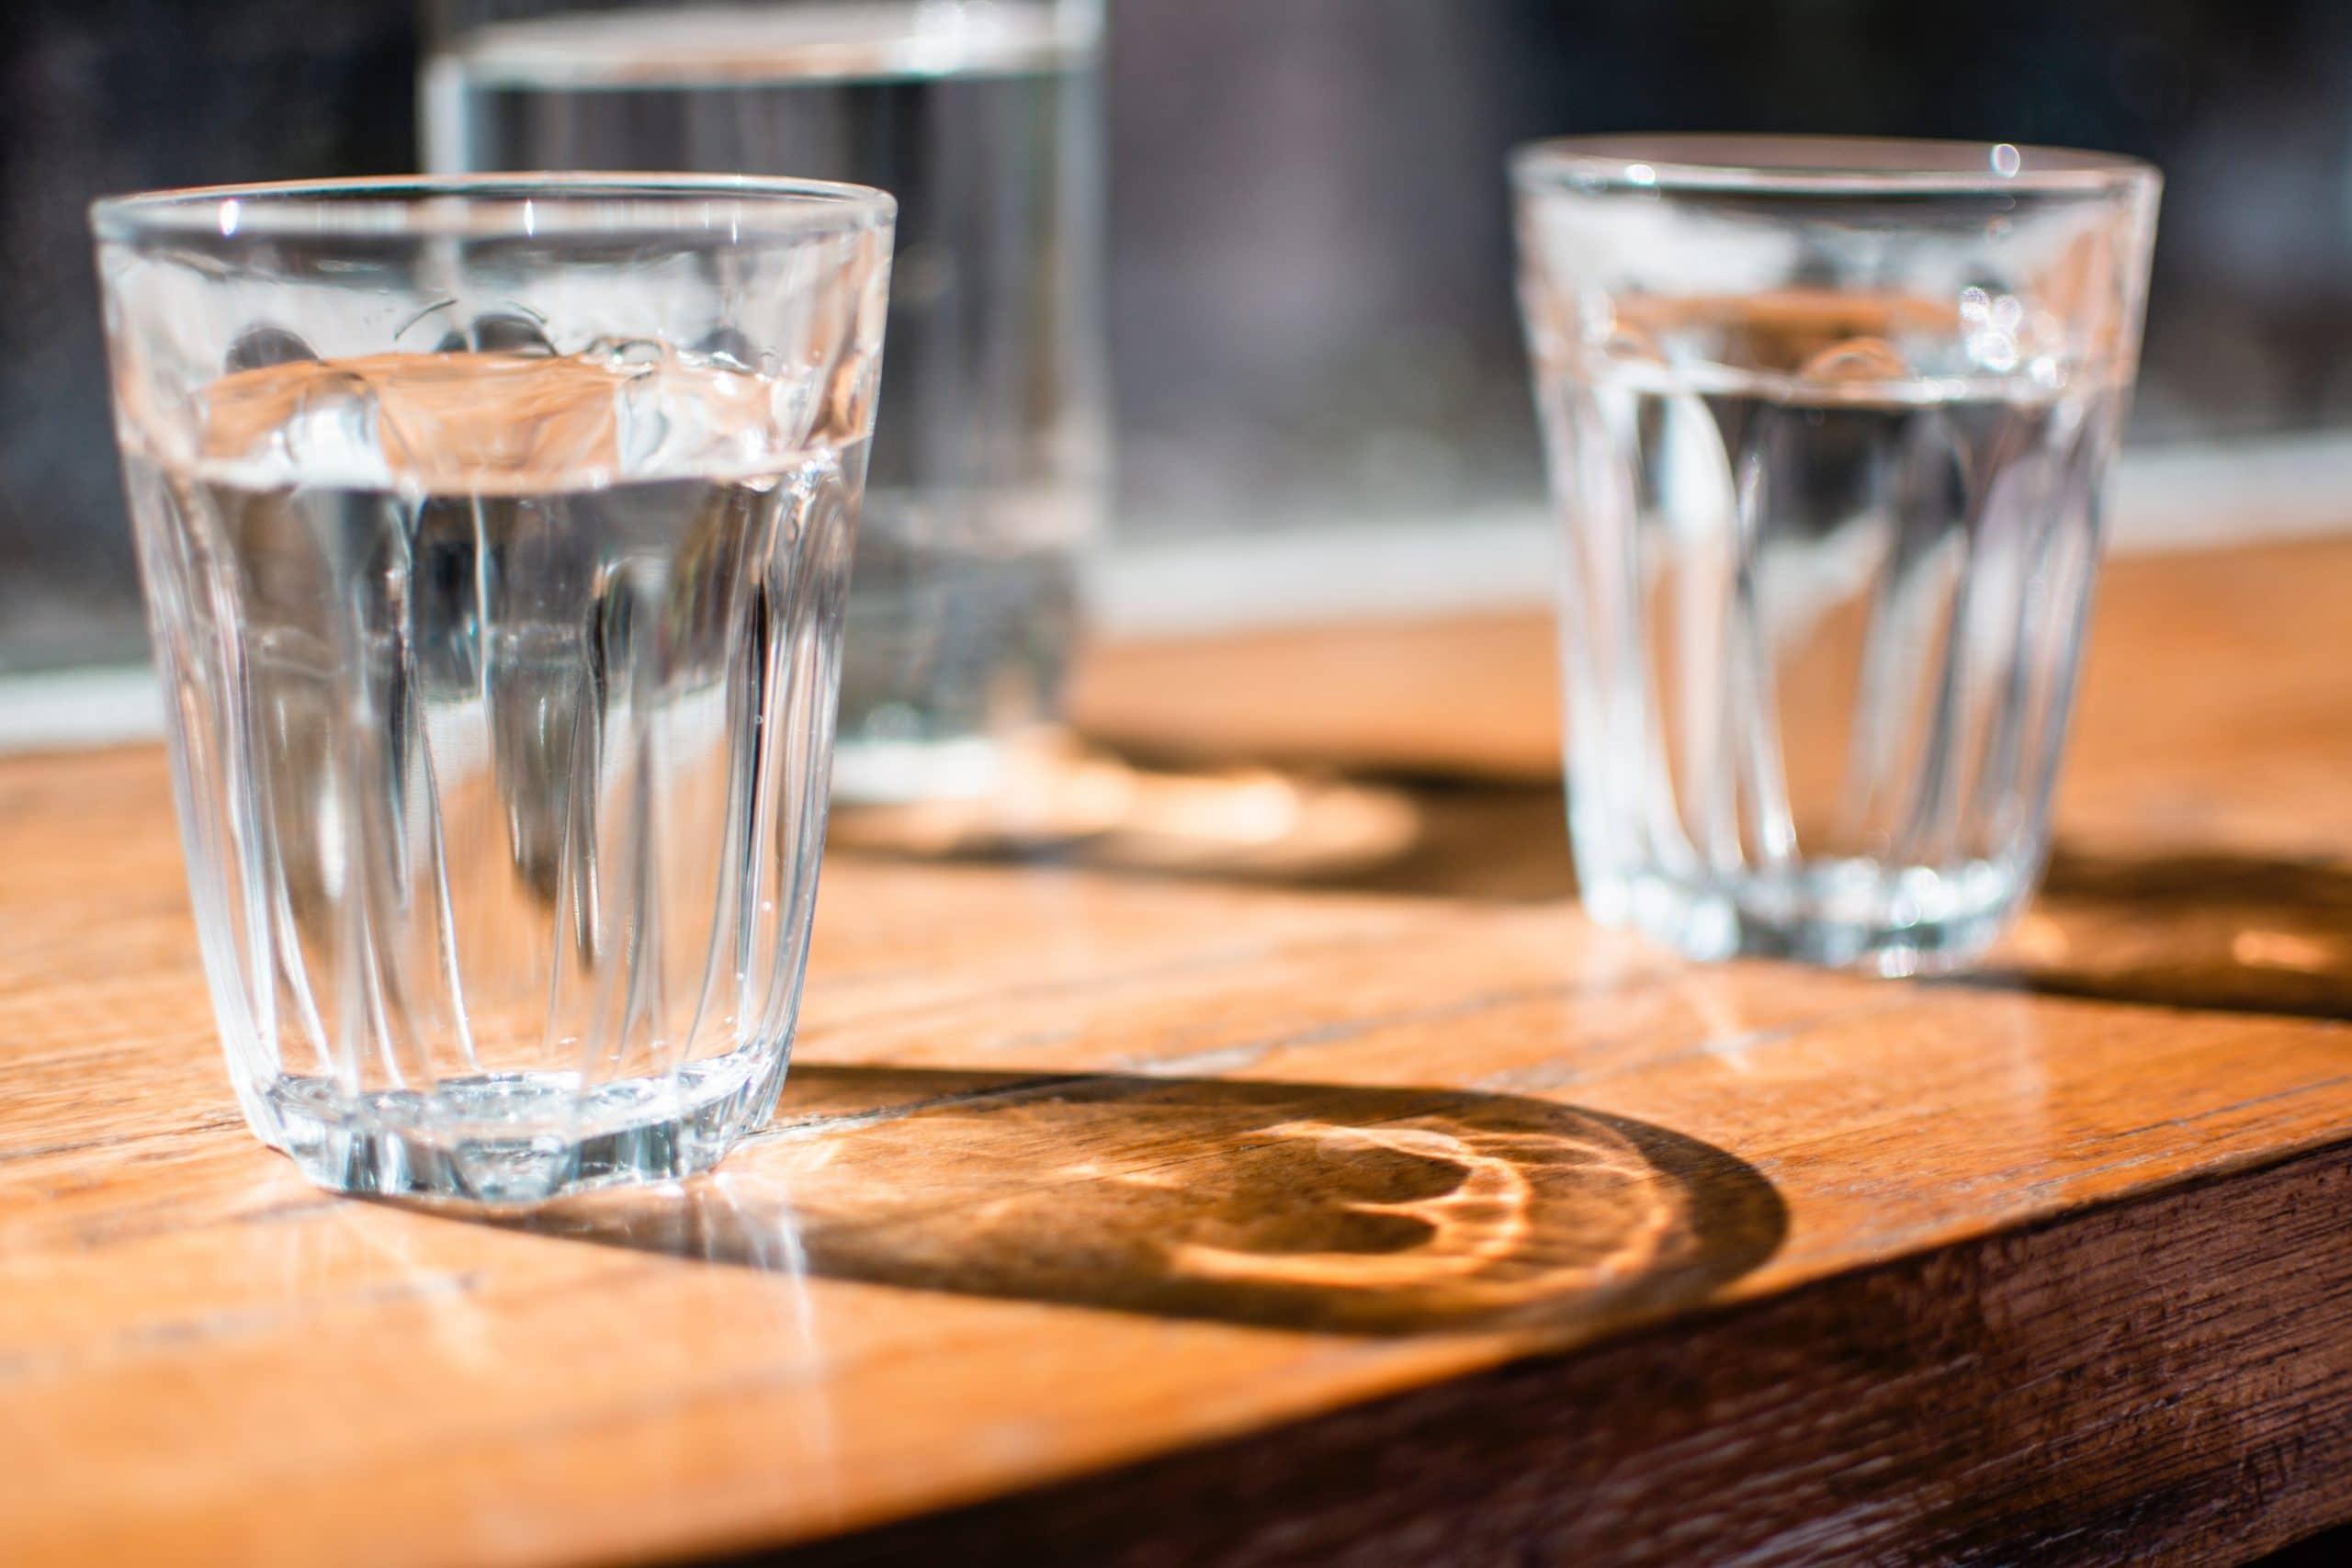 Comment obtenir de l'eau déminéralisée ?